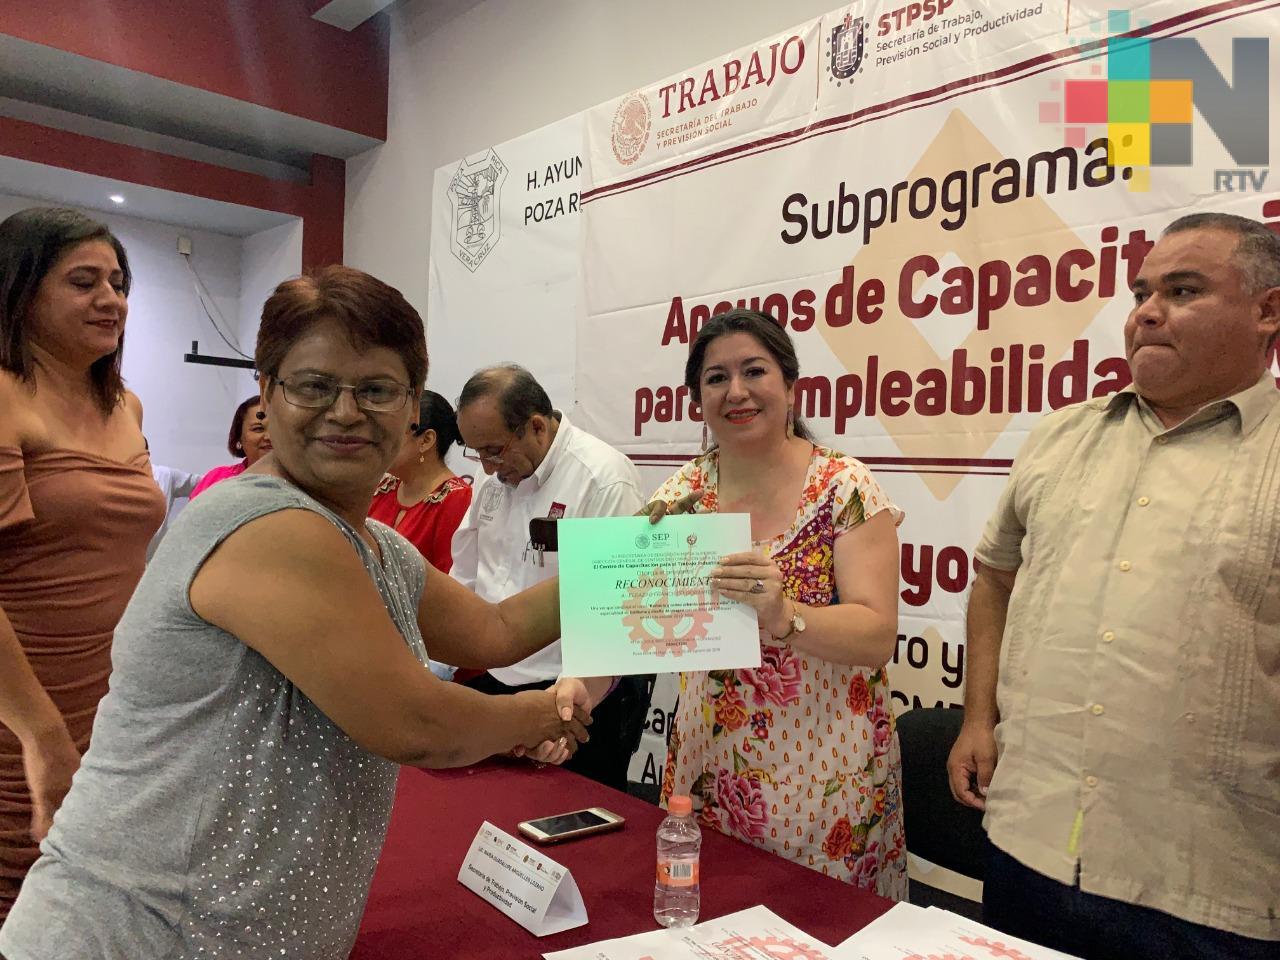 Entrega Secretaría de Trabajo más de 600 mil pesos a 160 microempresas, en Córdoba y Poza Rica